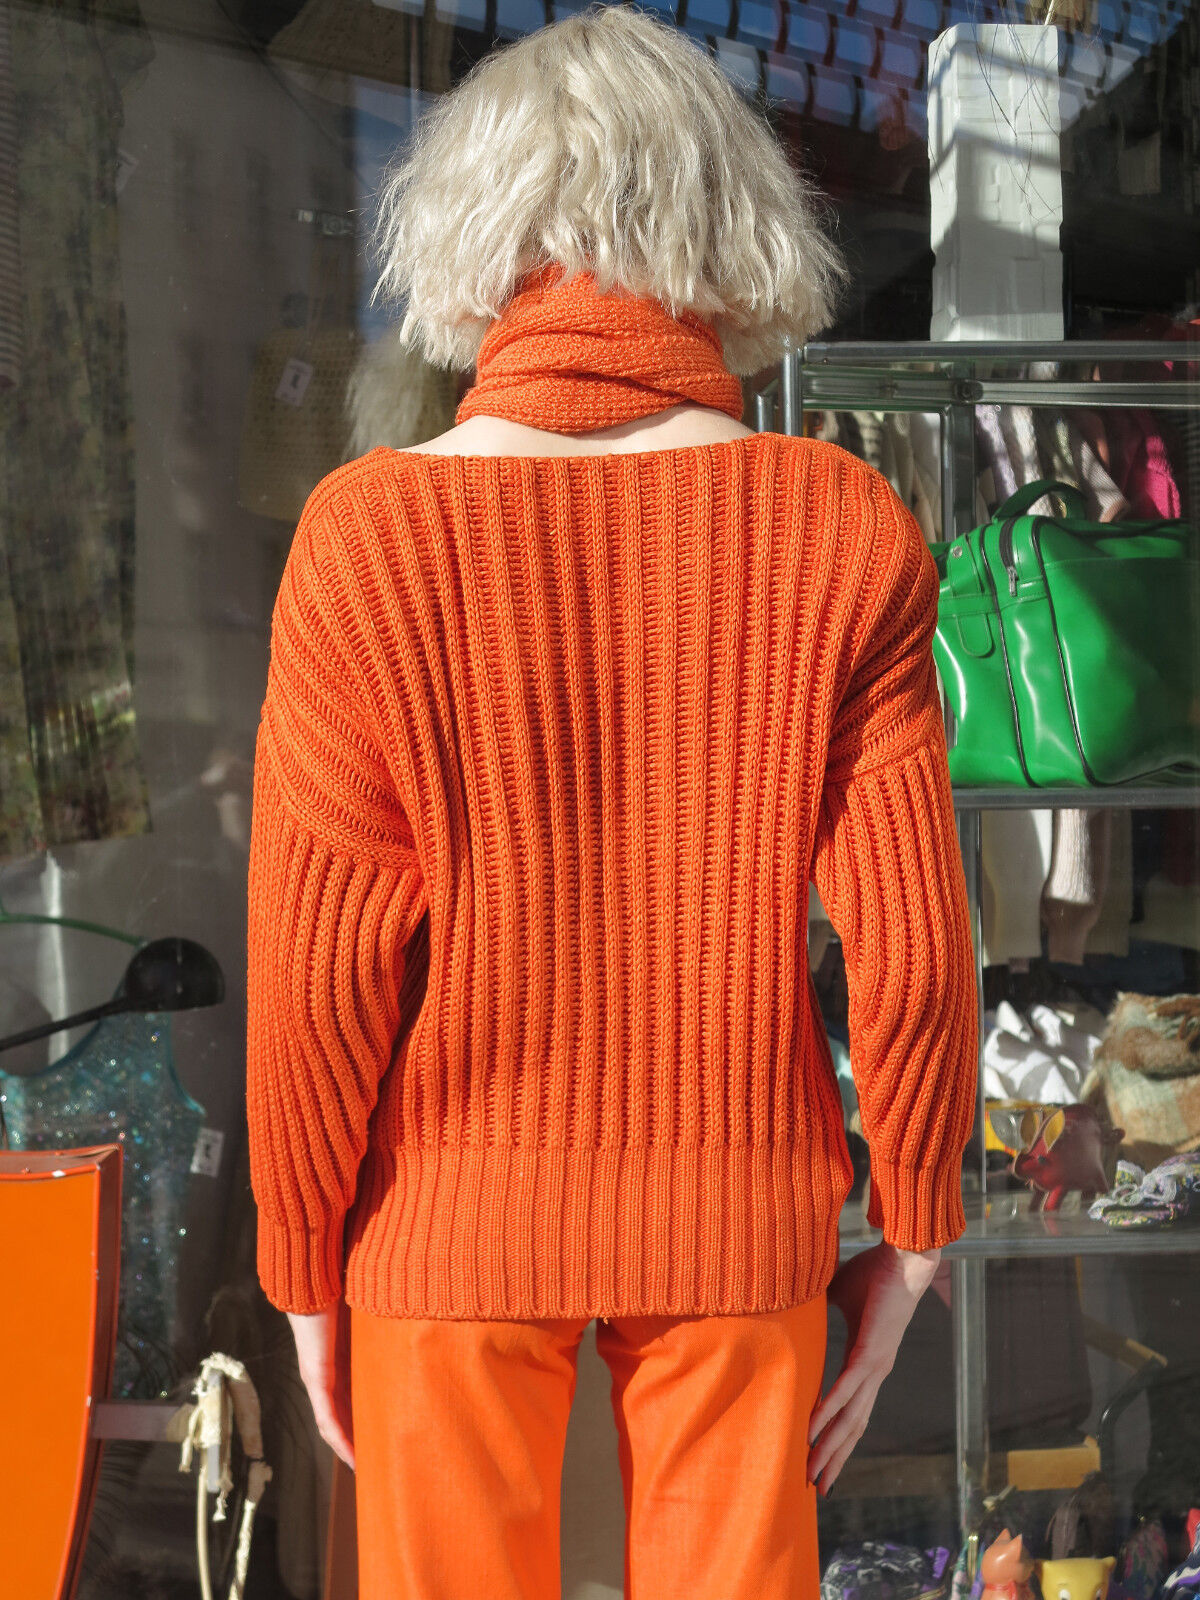 JIL SANDER Pullover con spalla imbottitura imbottitura imbottitura 80s True VINTAGE Donna JUMPER SWEATER b1958a